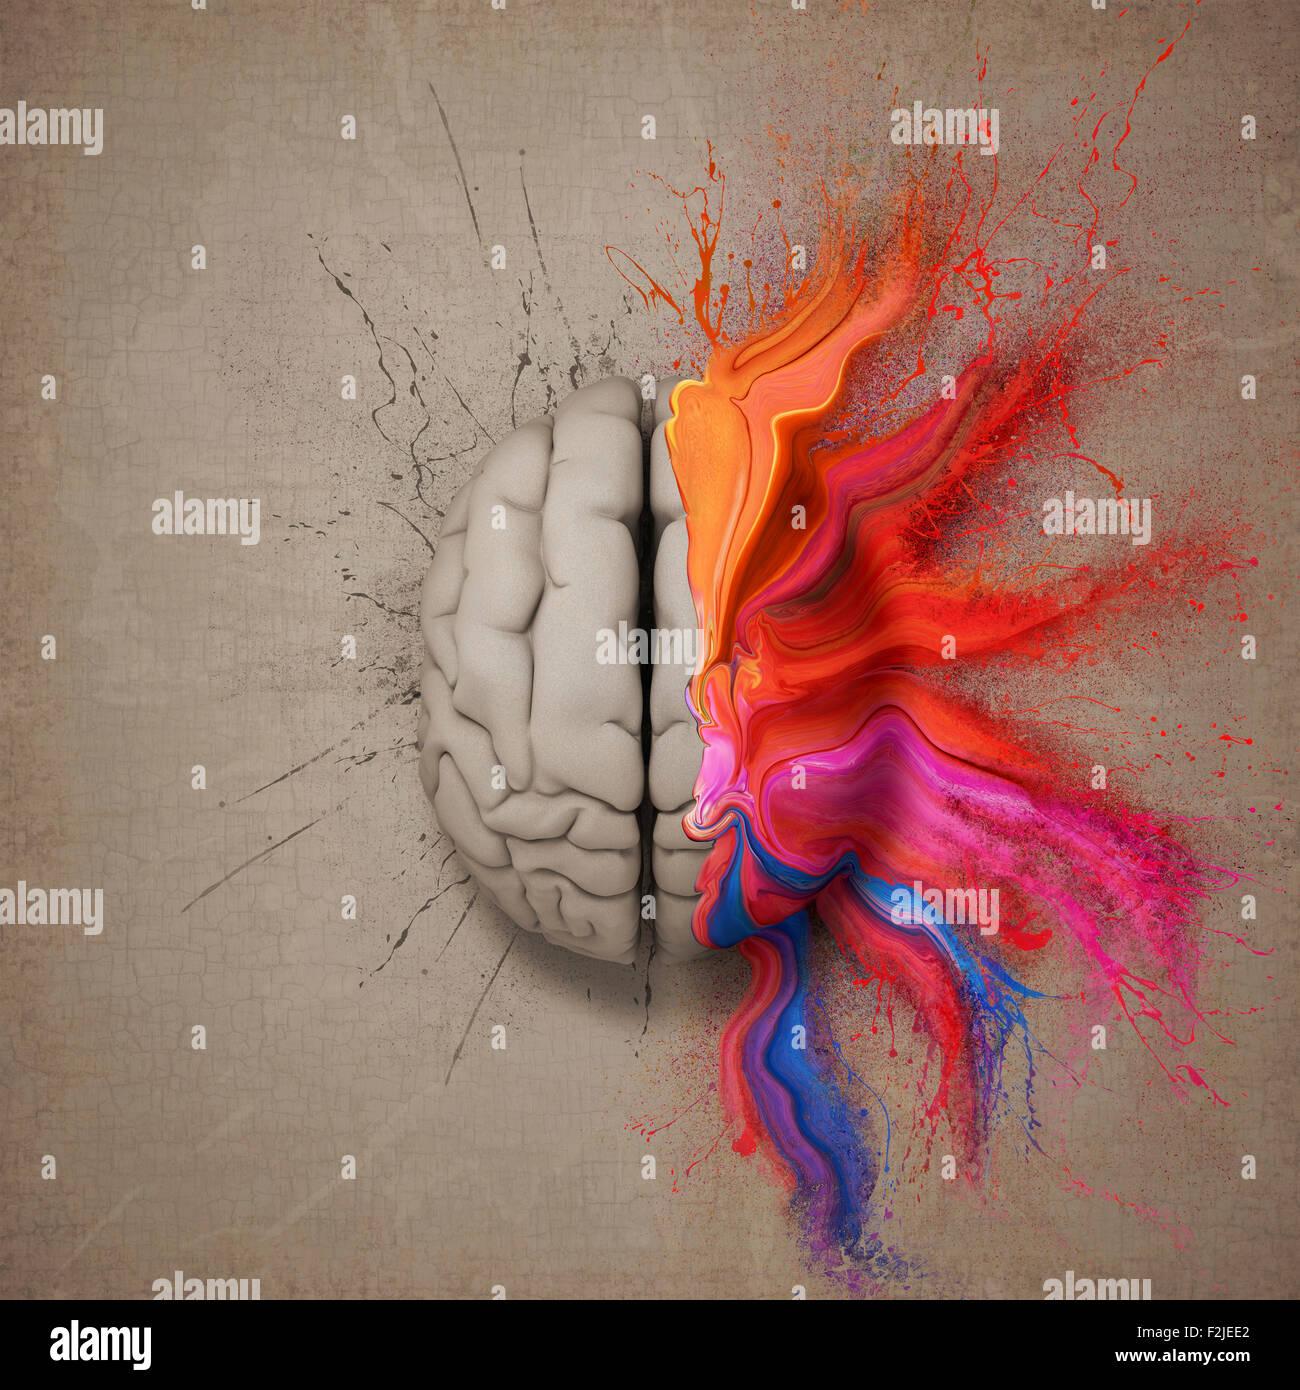 Mente o cerebro creativo ilustrado con coloridas salpicaduras de pintura y la dispersión. Equipo conceptual Imagen De Stock